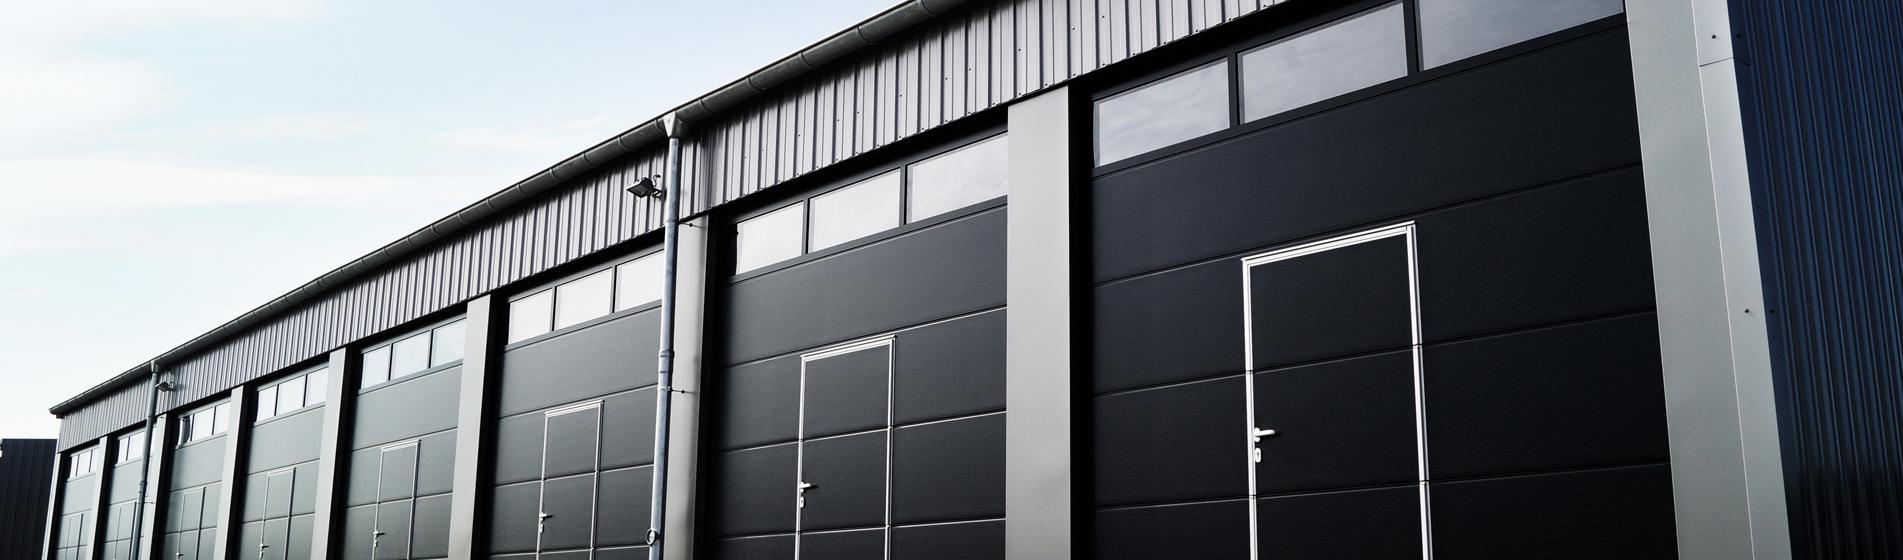 rénovation porte de garage sur-mesure 84300